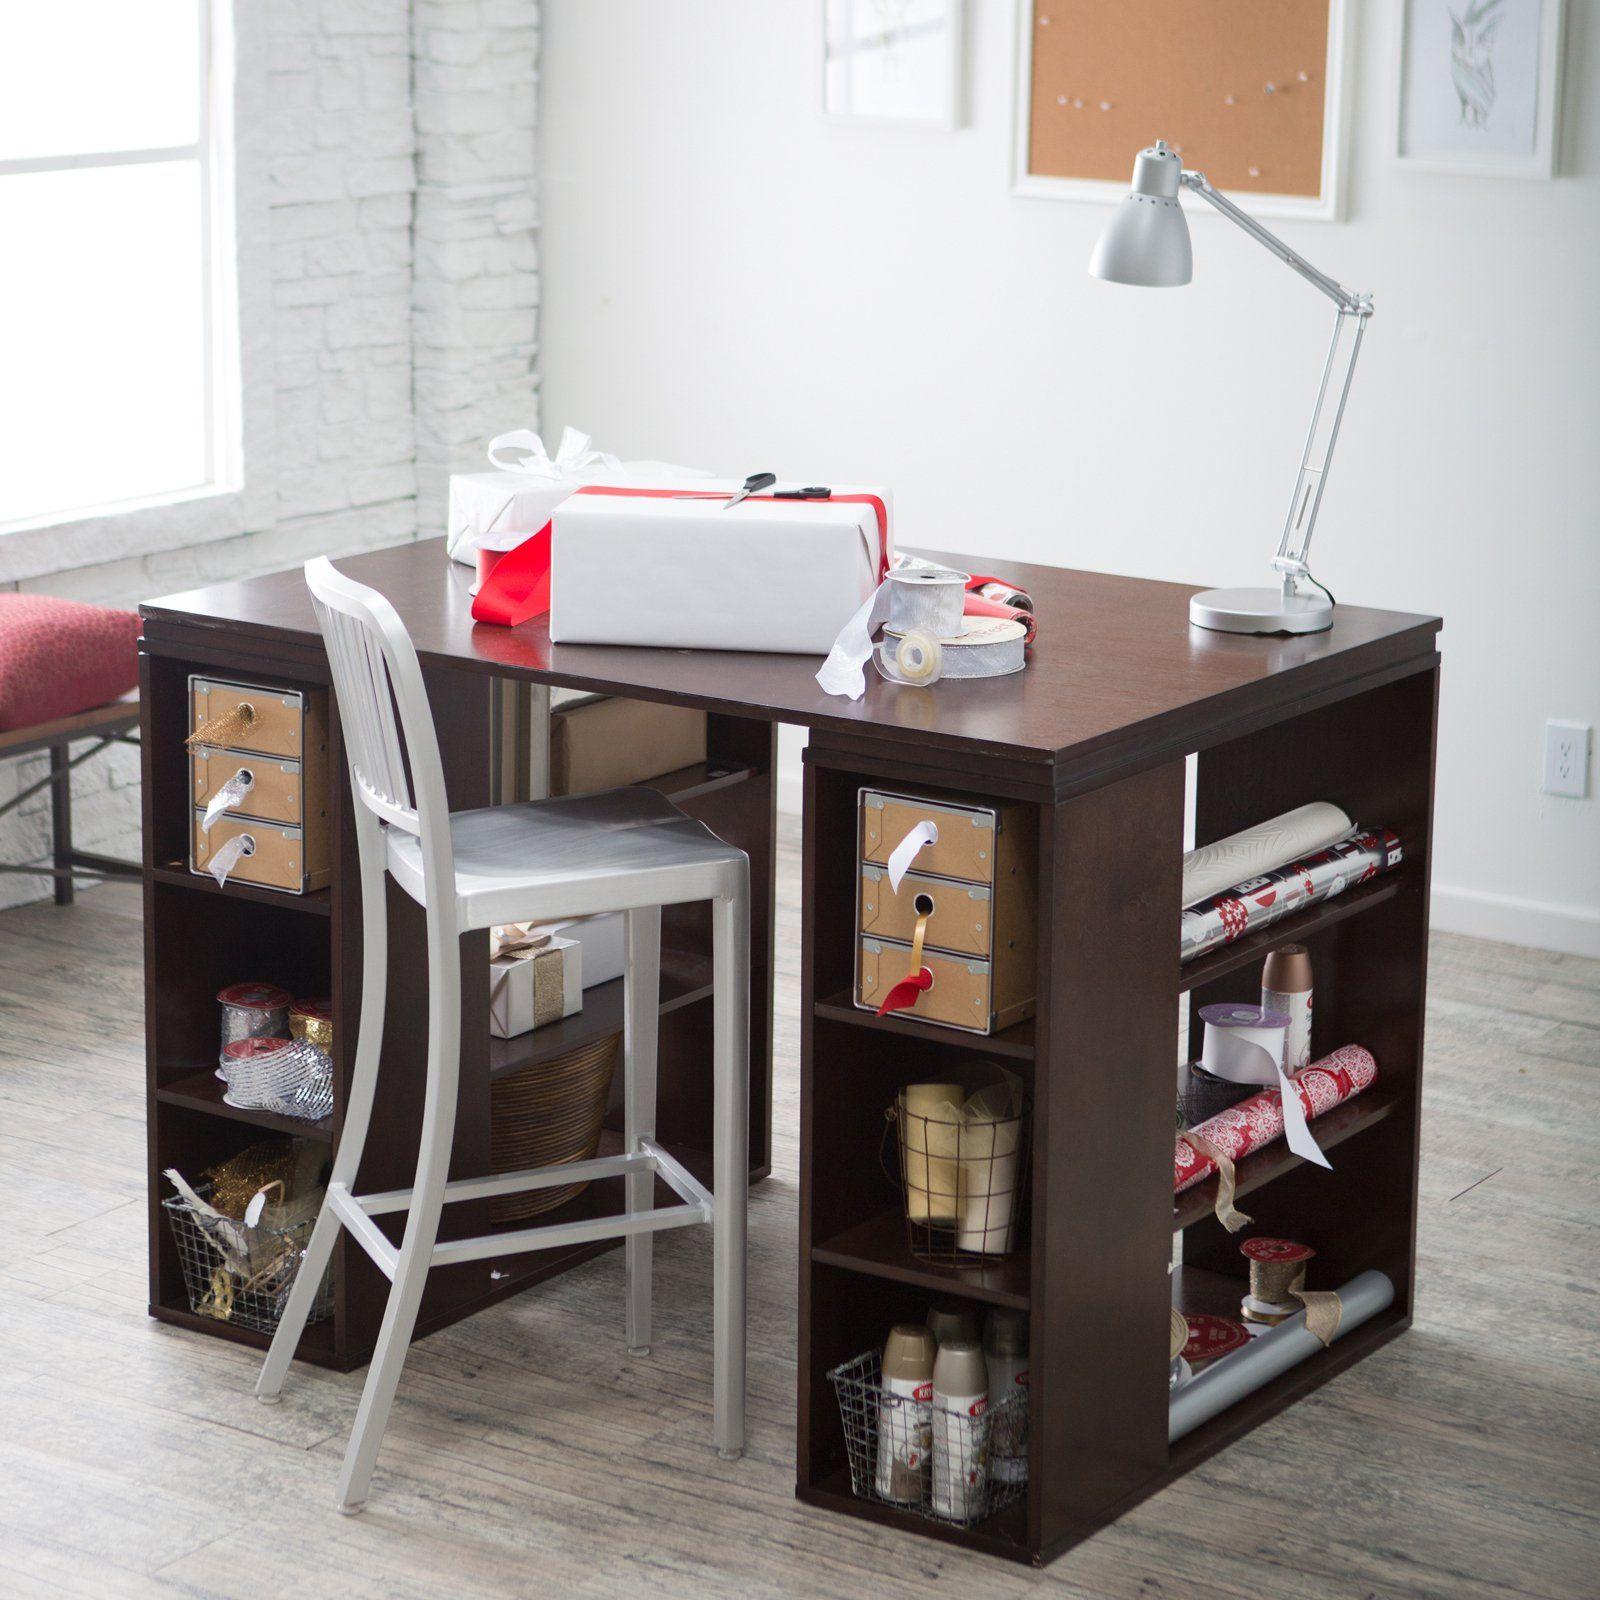 Sullivan Counter Height Craft Table Espresso Www Hayneedle Com Counter Height Desk Craft Table Craft Desk